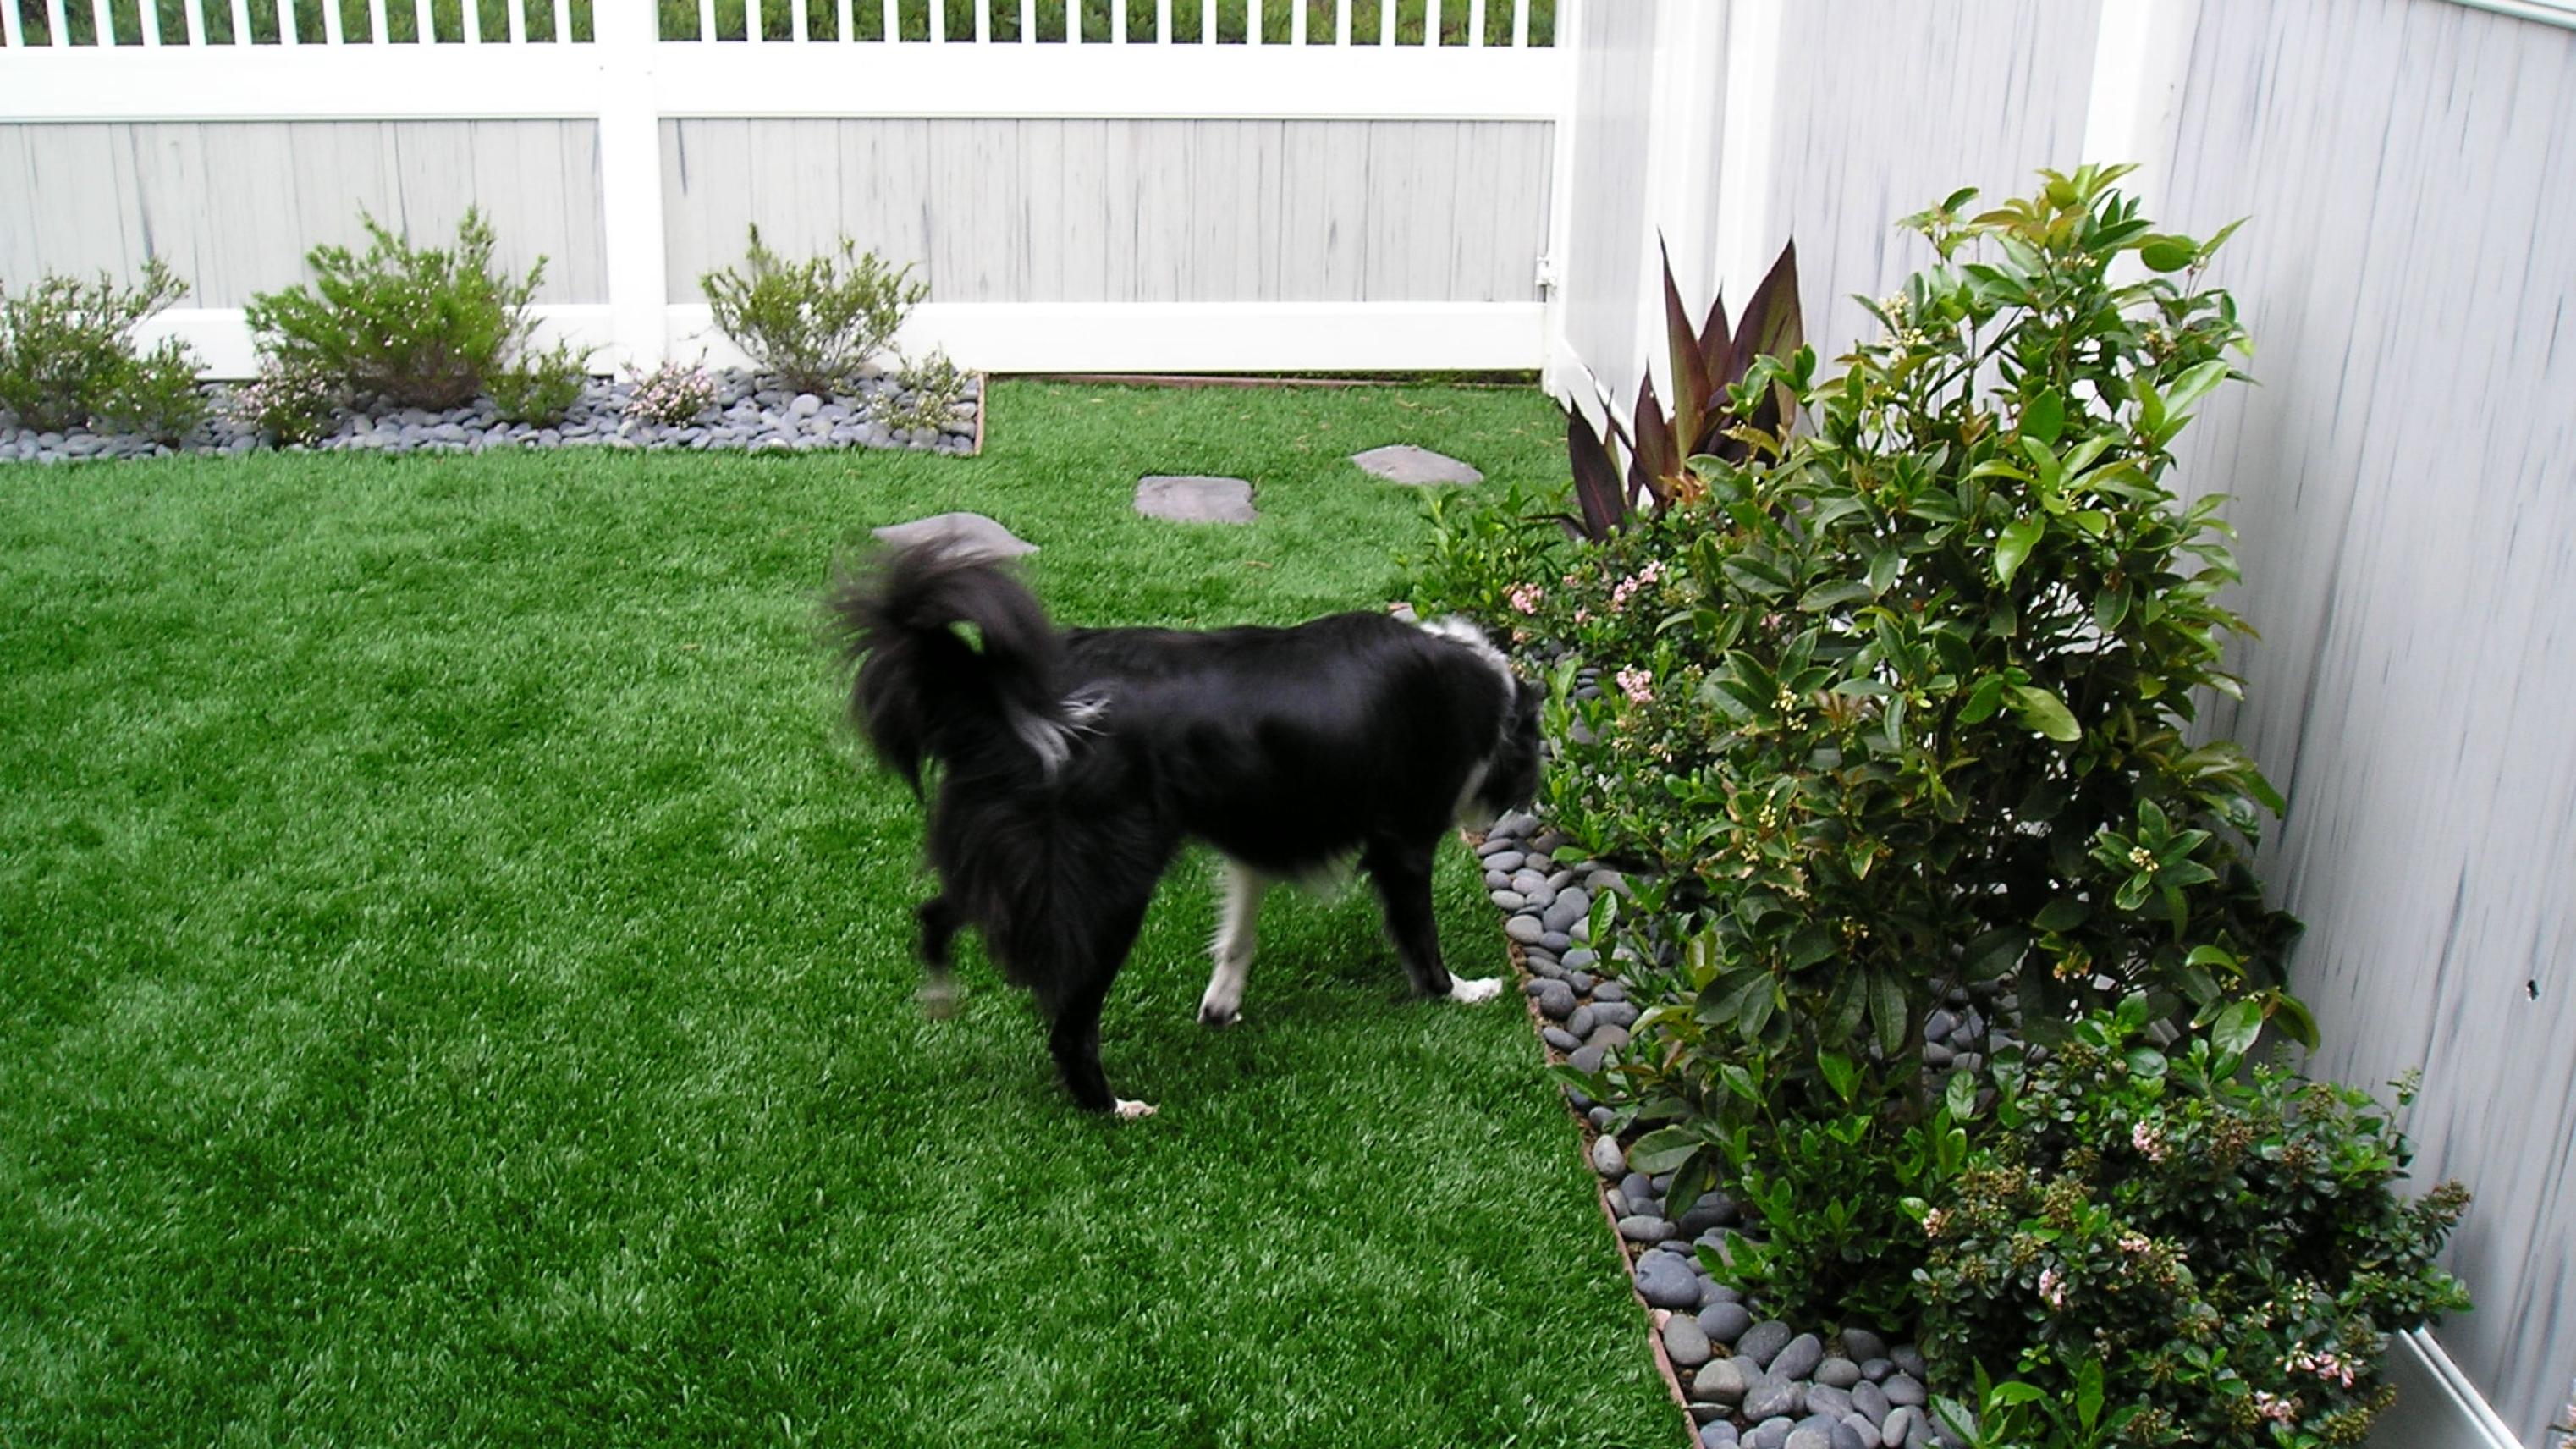 Olive-92 Stemgrass artificial grass,fake grass,synthetic grass,grass carpet,artificial grass rug